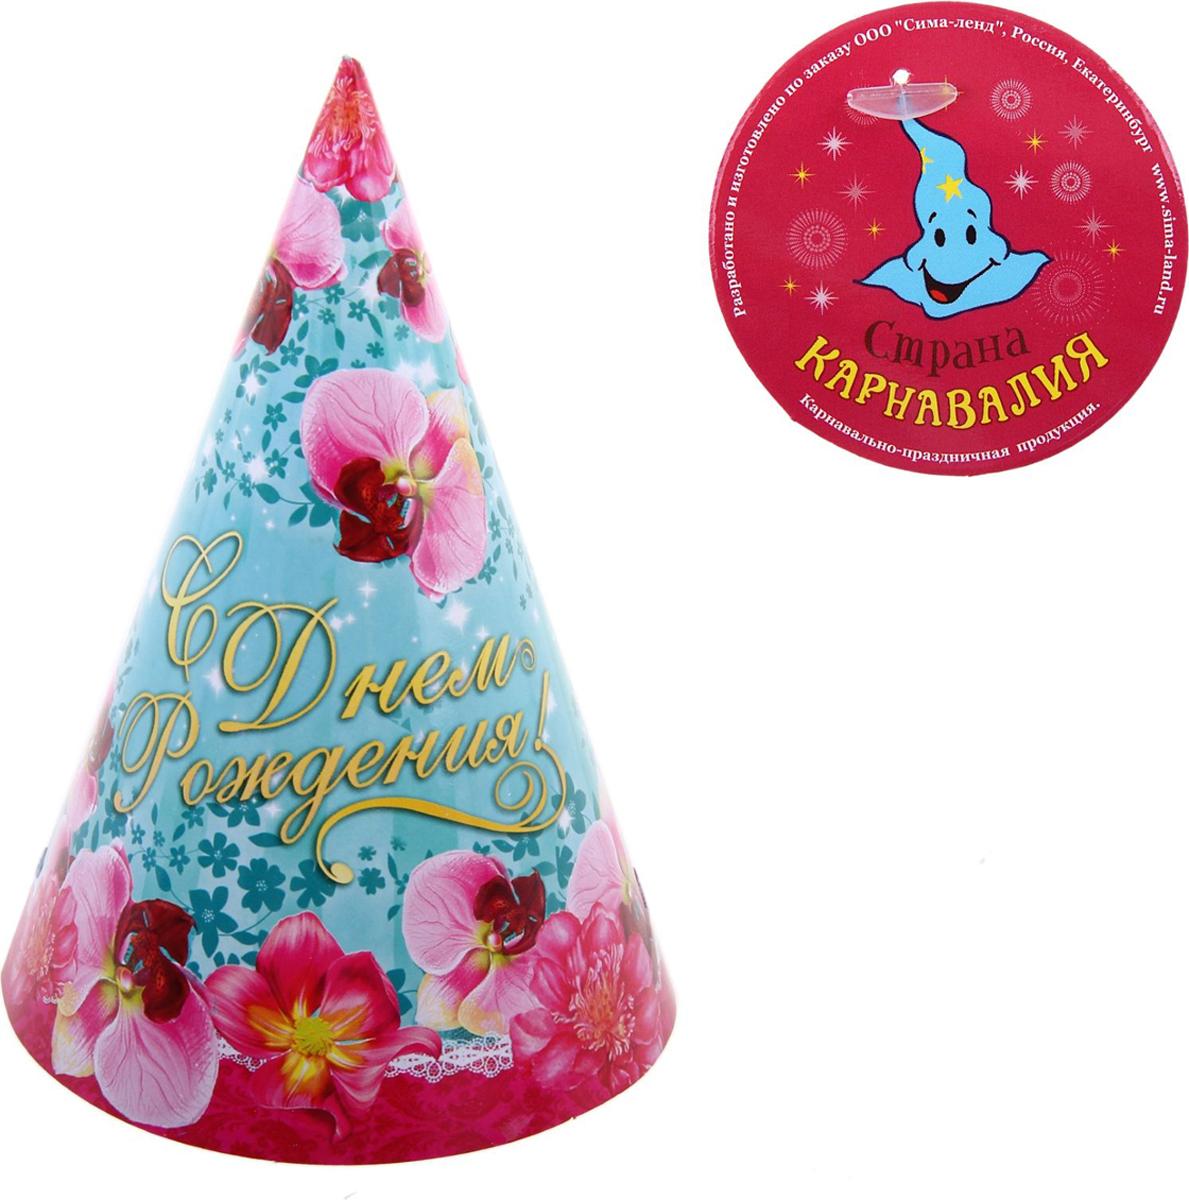 Страна Карнавалия Колпак С Днем Рождения! 16 см, 6 шт 334098 декоративные колпаки на штампованные колеса 16